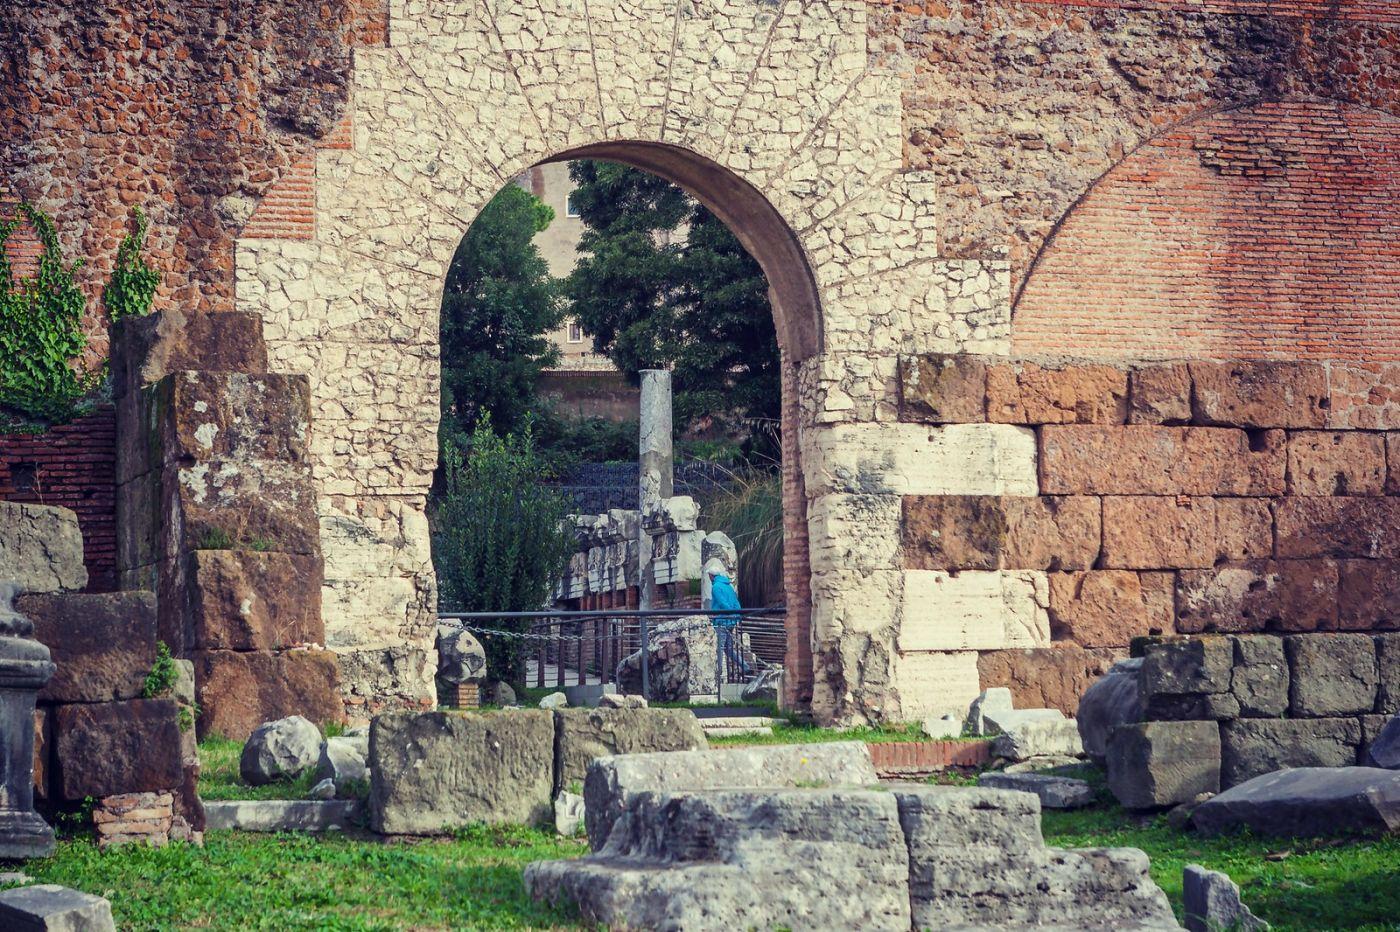 意大利罗马论坛,很敬佩_图1-20